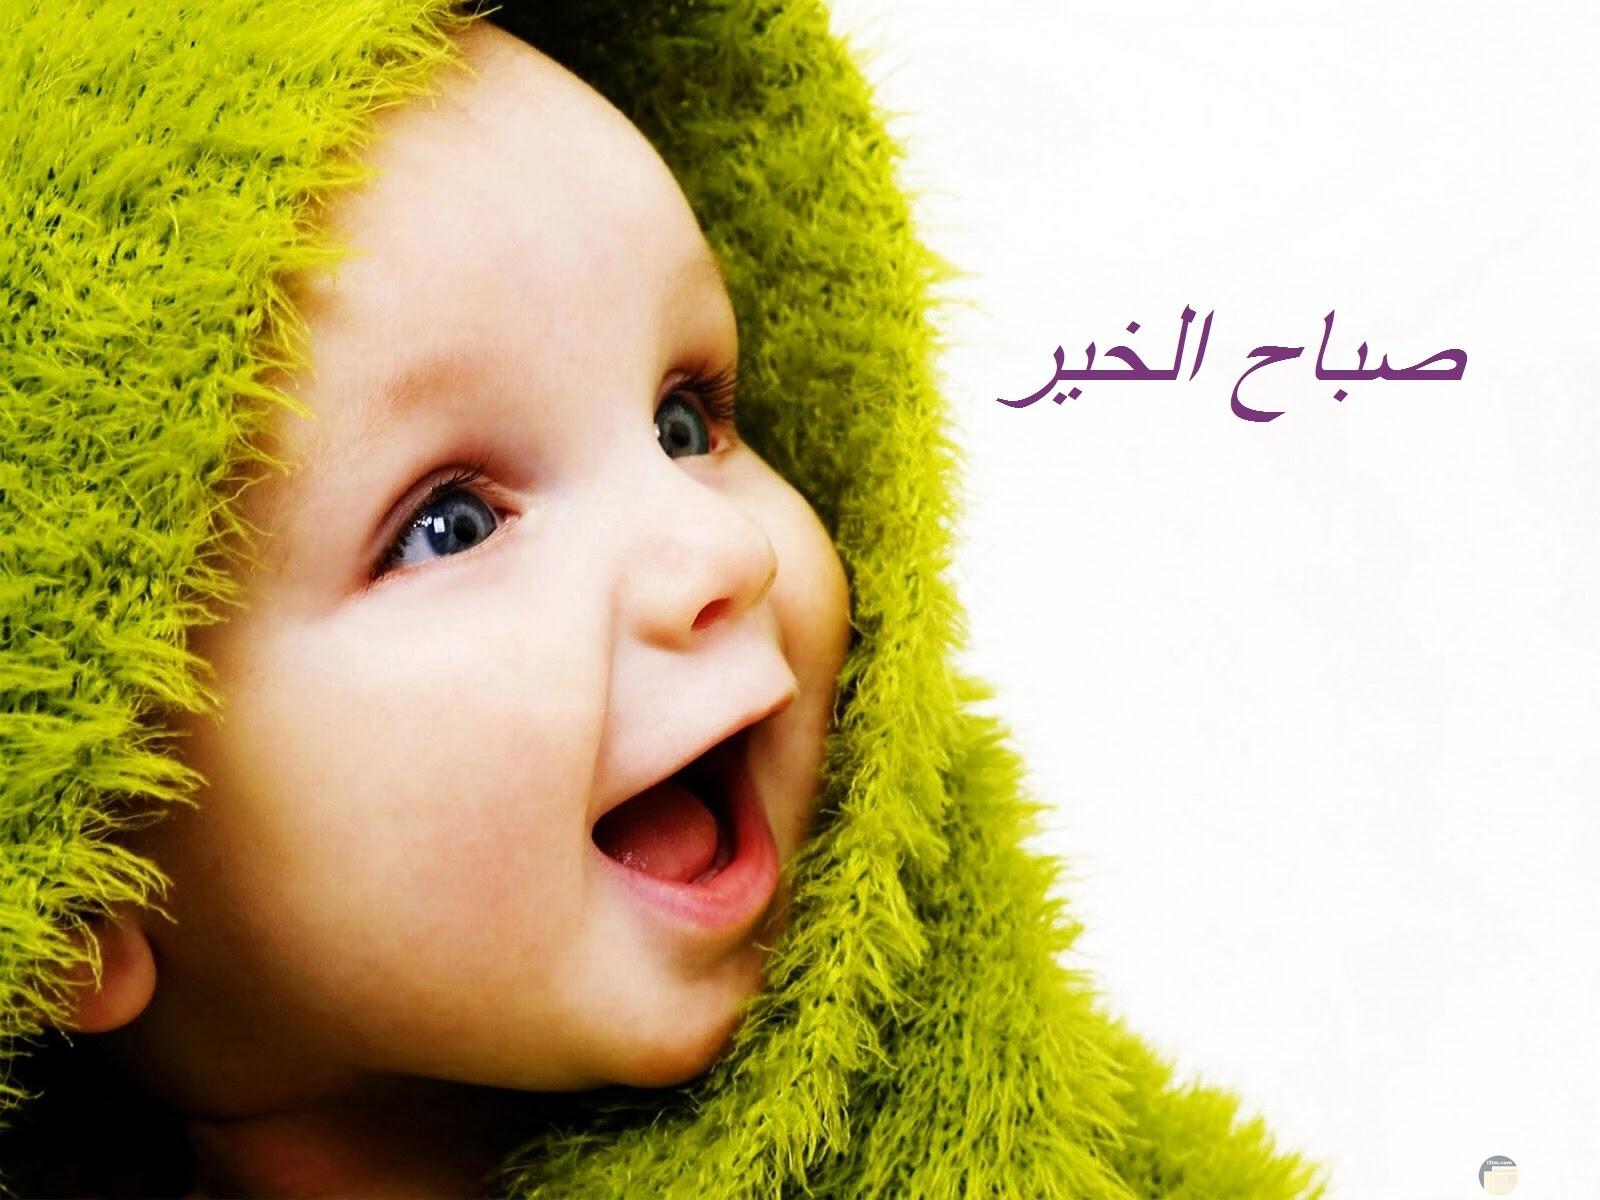 صورة للواتس لطفل يرسل صباح الخير.